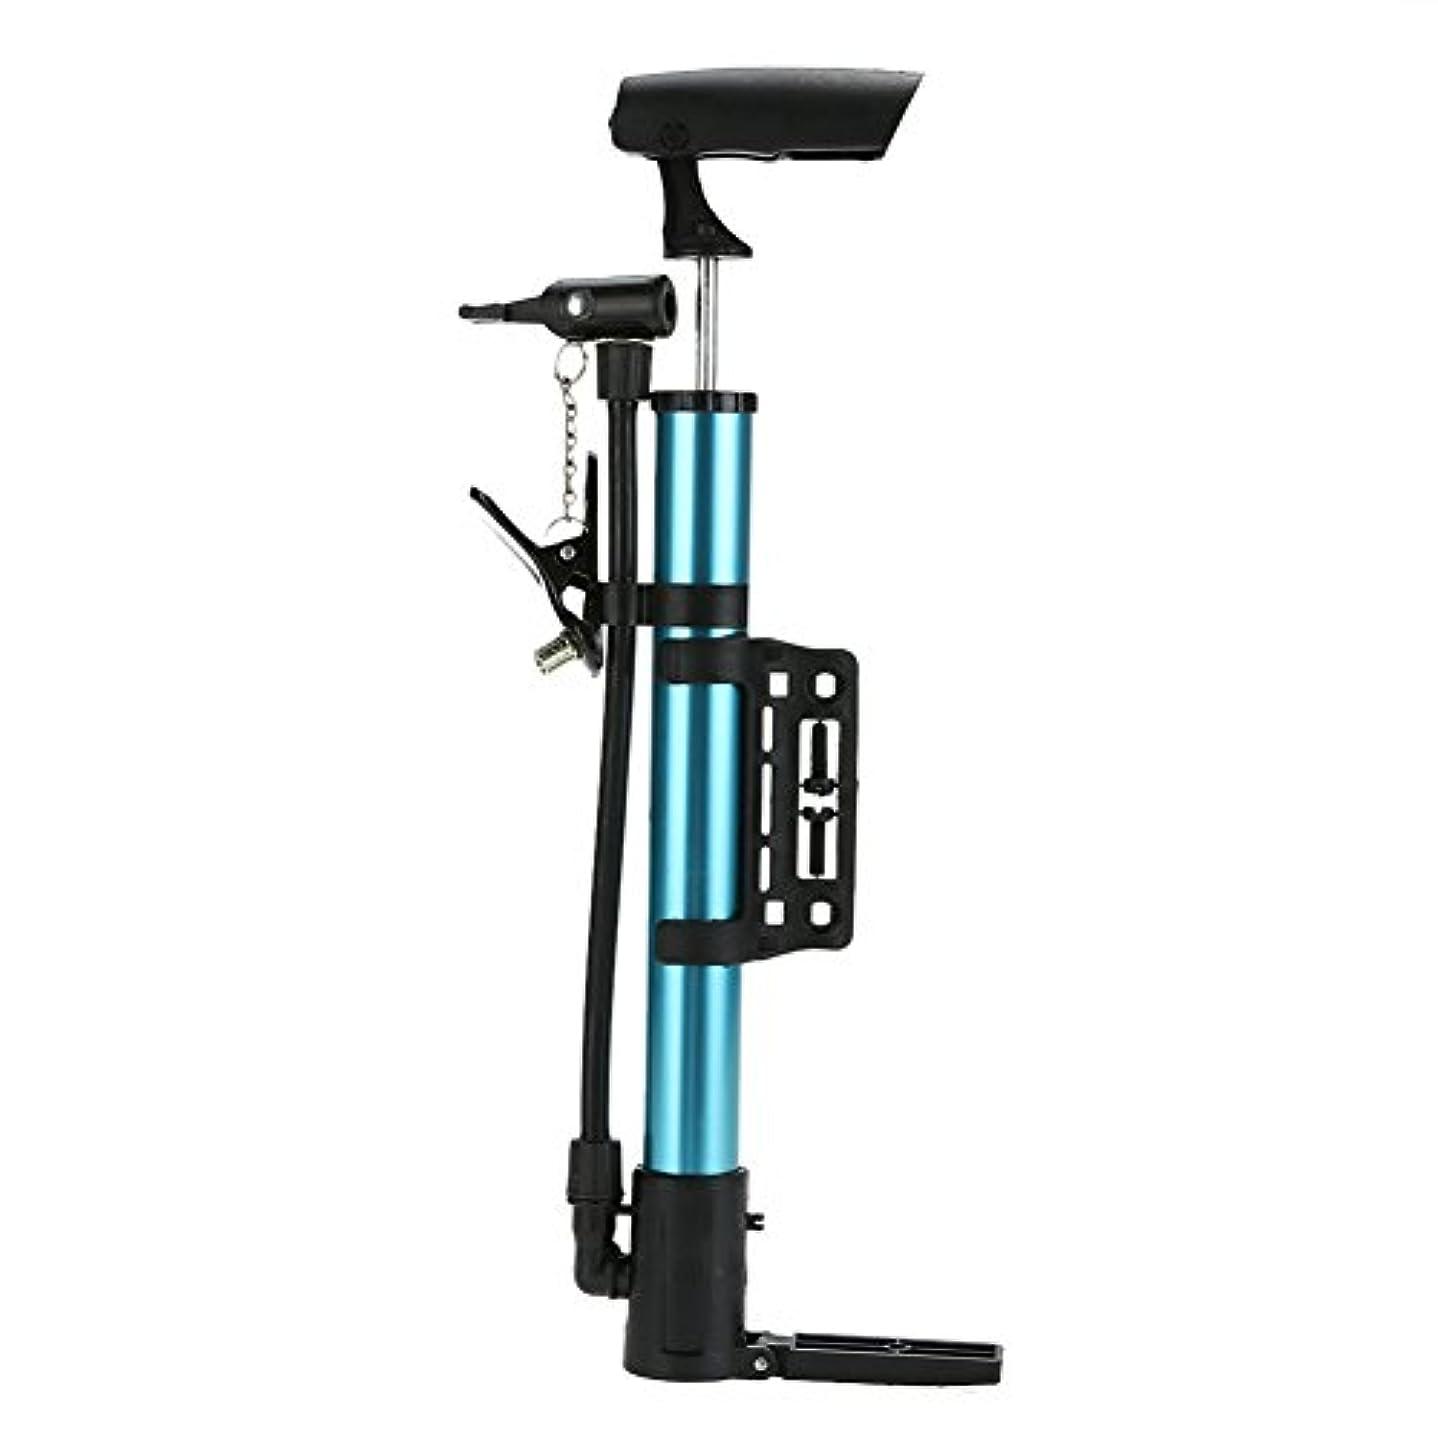 ライター甘くする不可能なミニポータブル軽量biketireインフレータアルミニウム合金mtbサイクリングバイクタイヤ空気バイクアクセサリー_青